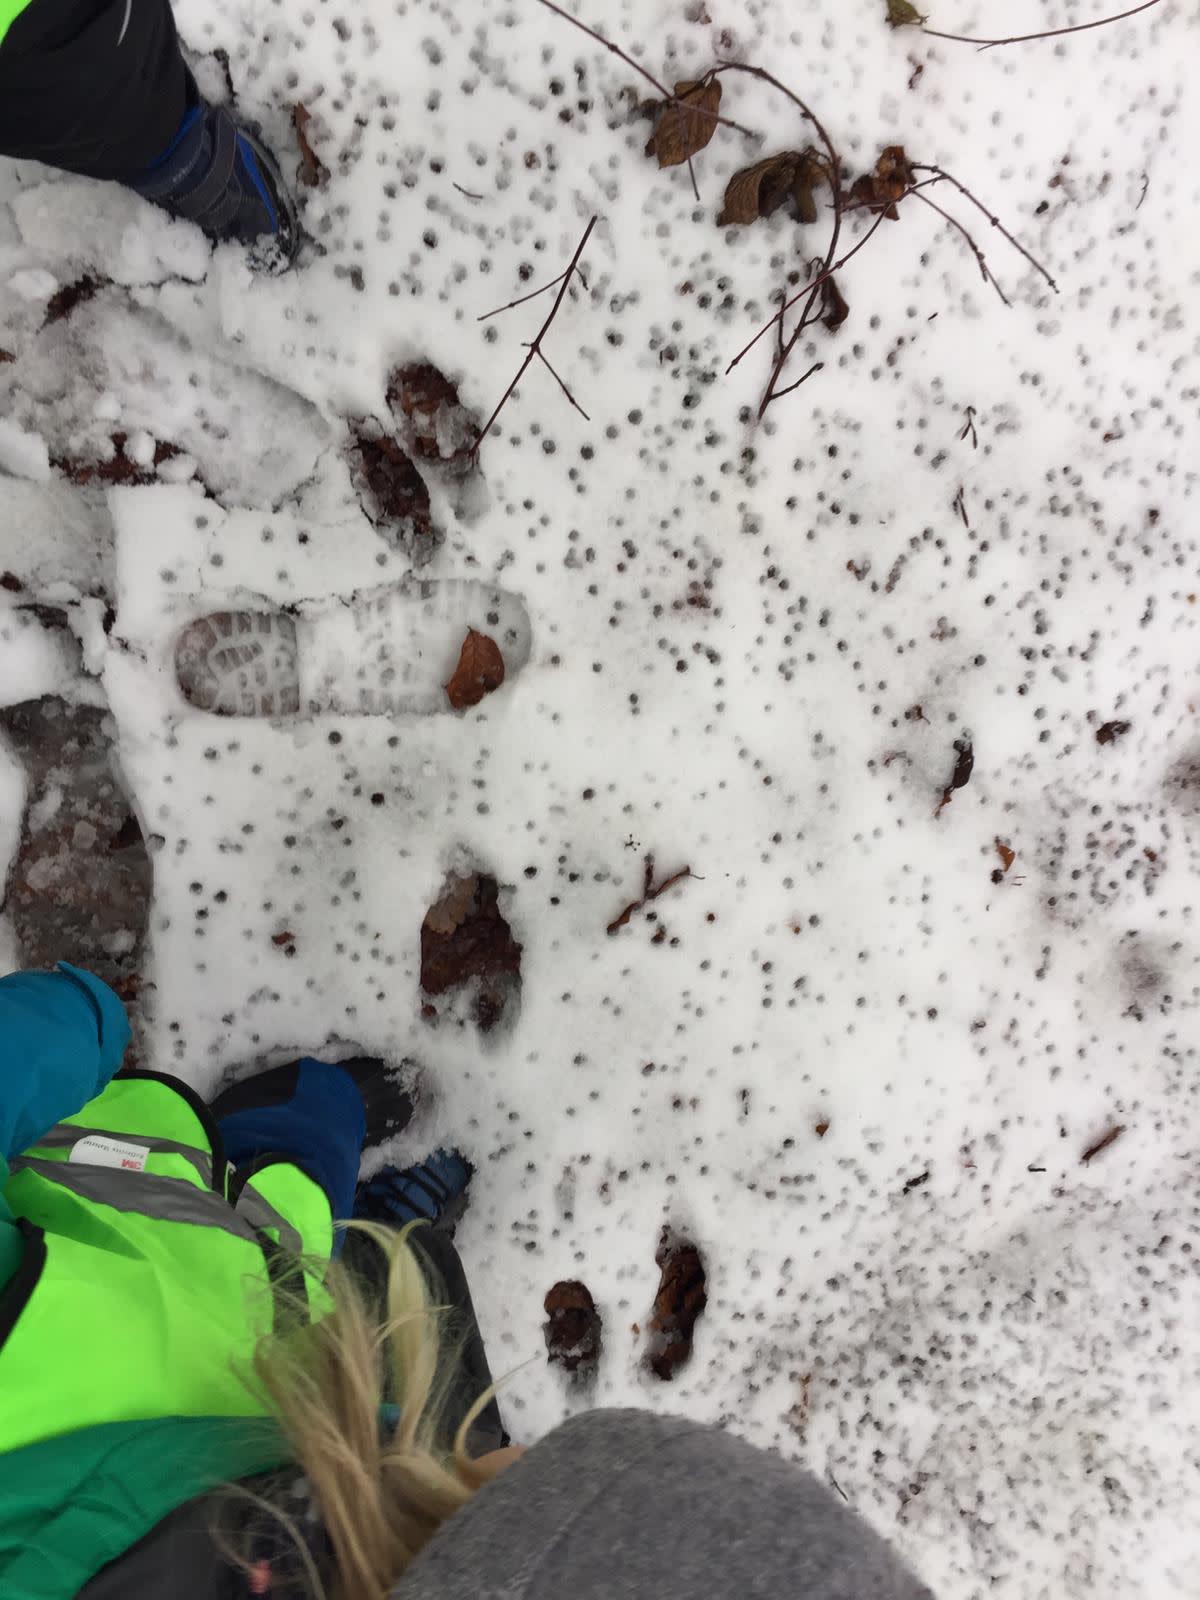 spurensuche im schnee